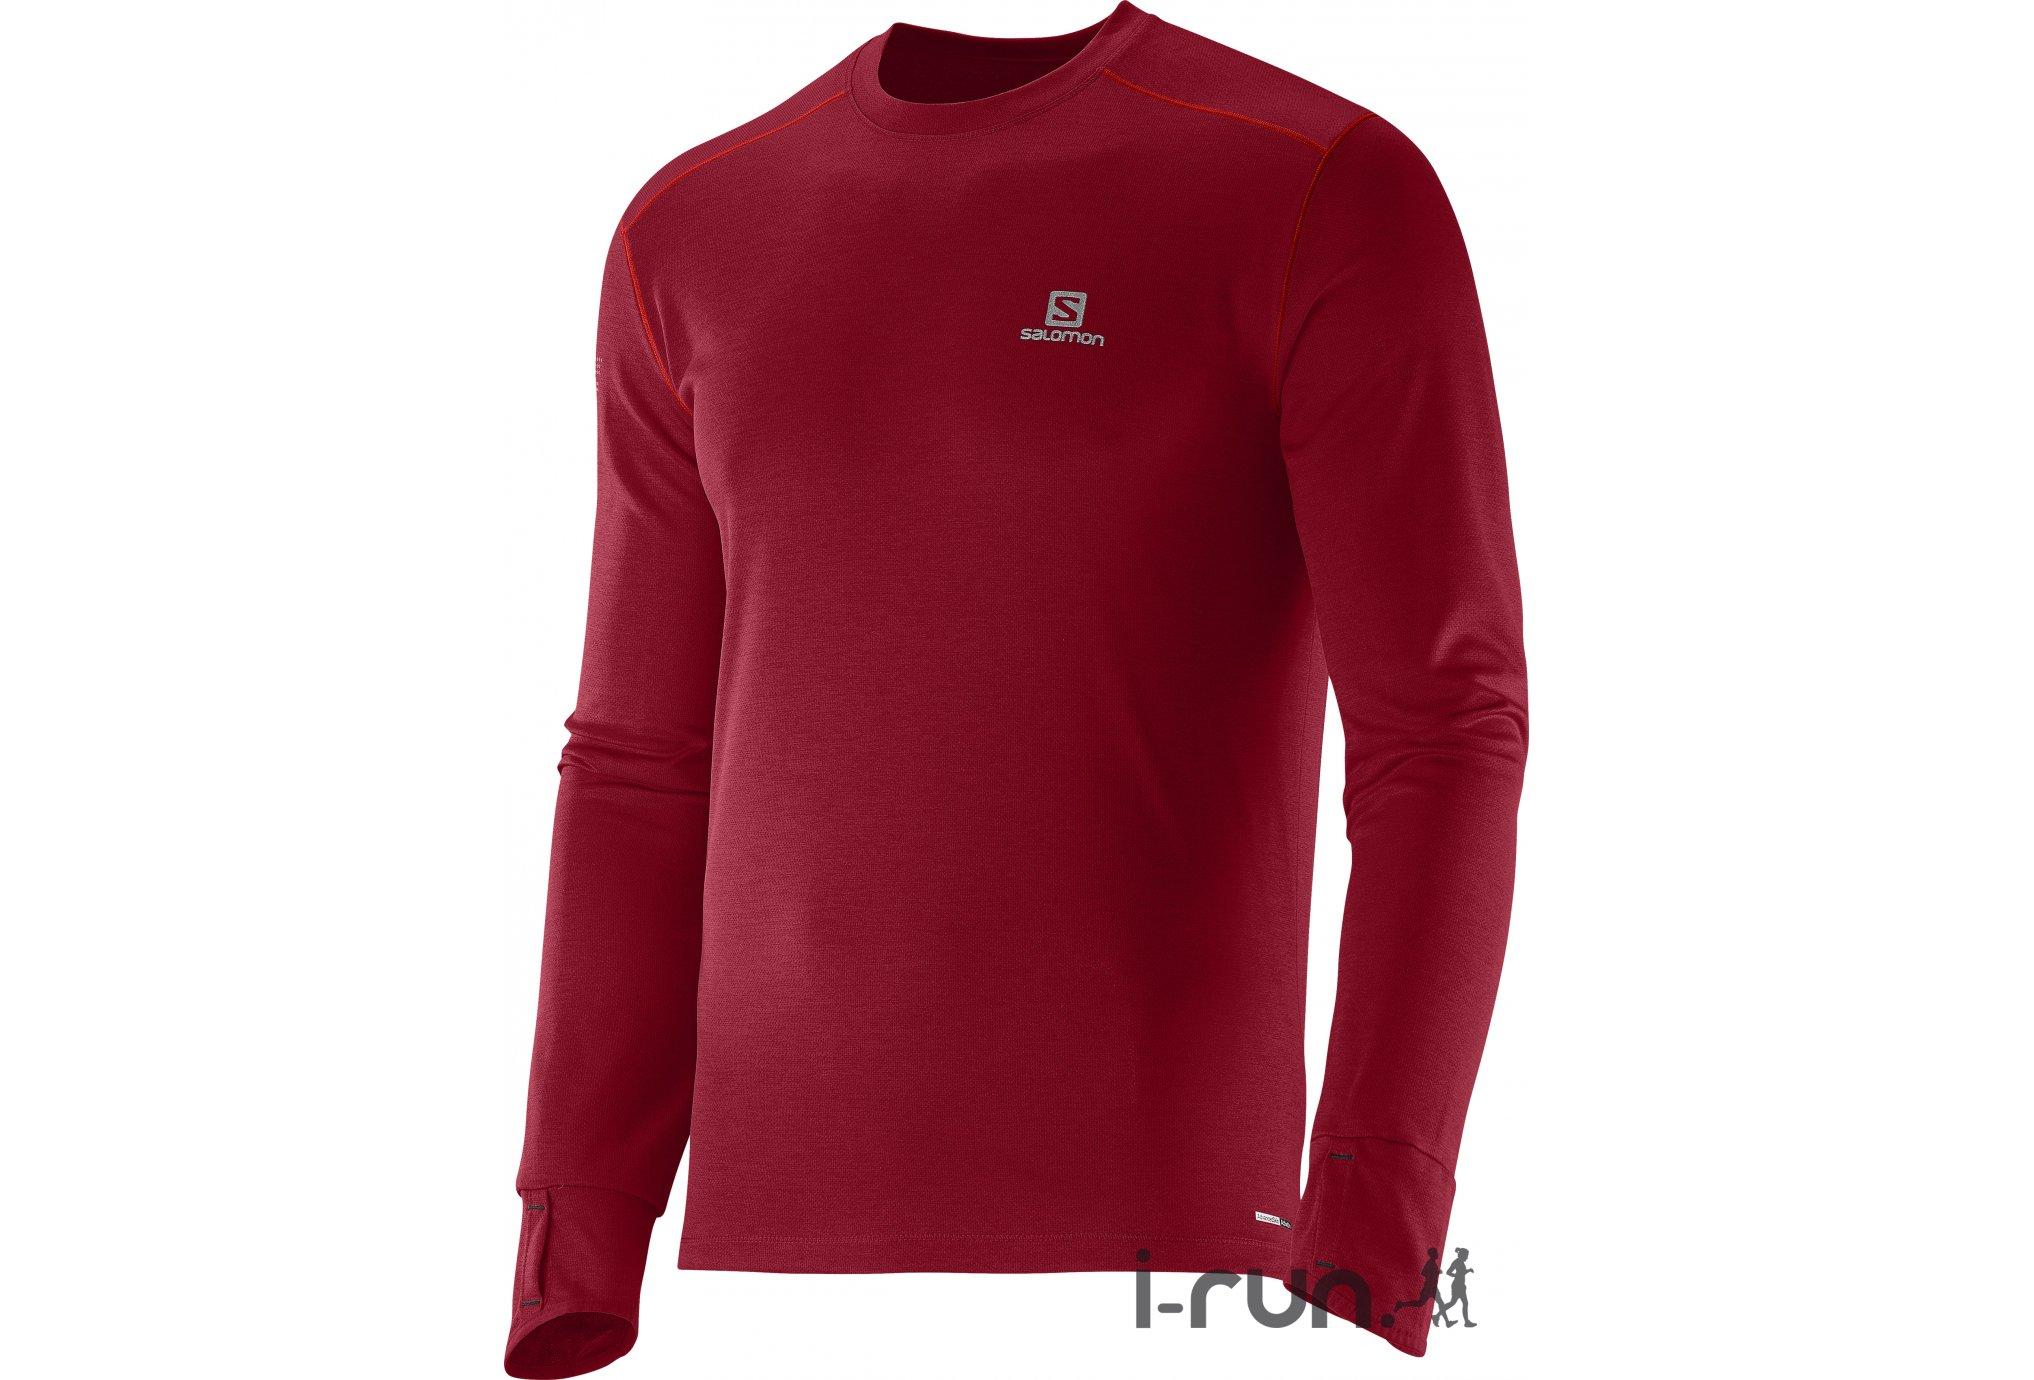 Salomon Tee-shirt Park M vêtement running homme